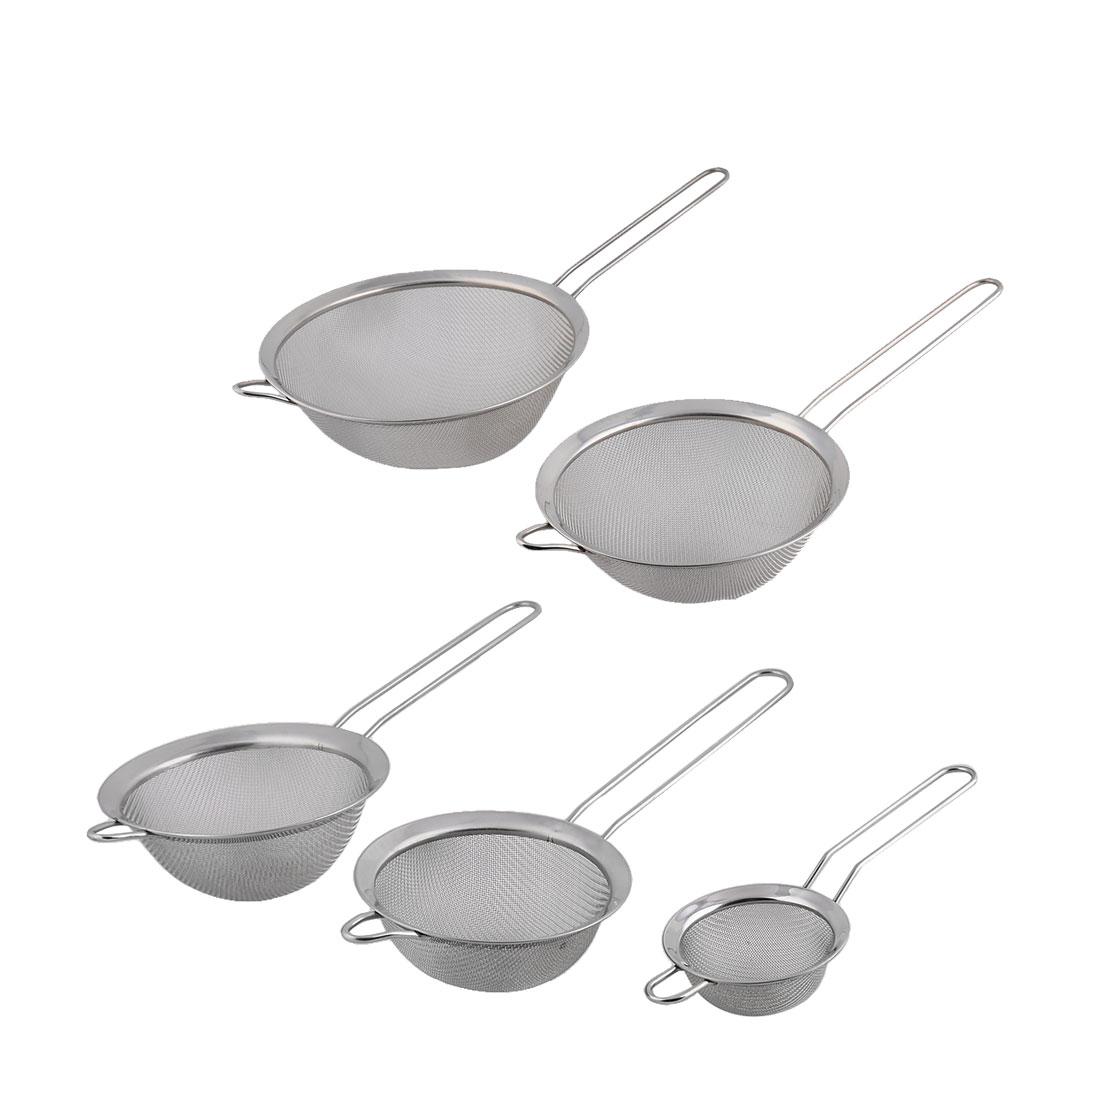 Kitchen Cookware Chef Metal Oil Flour Mesh Strainer Colander Sieve Sifter 5 in 1